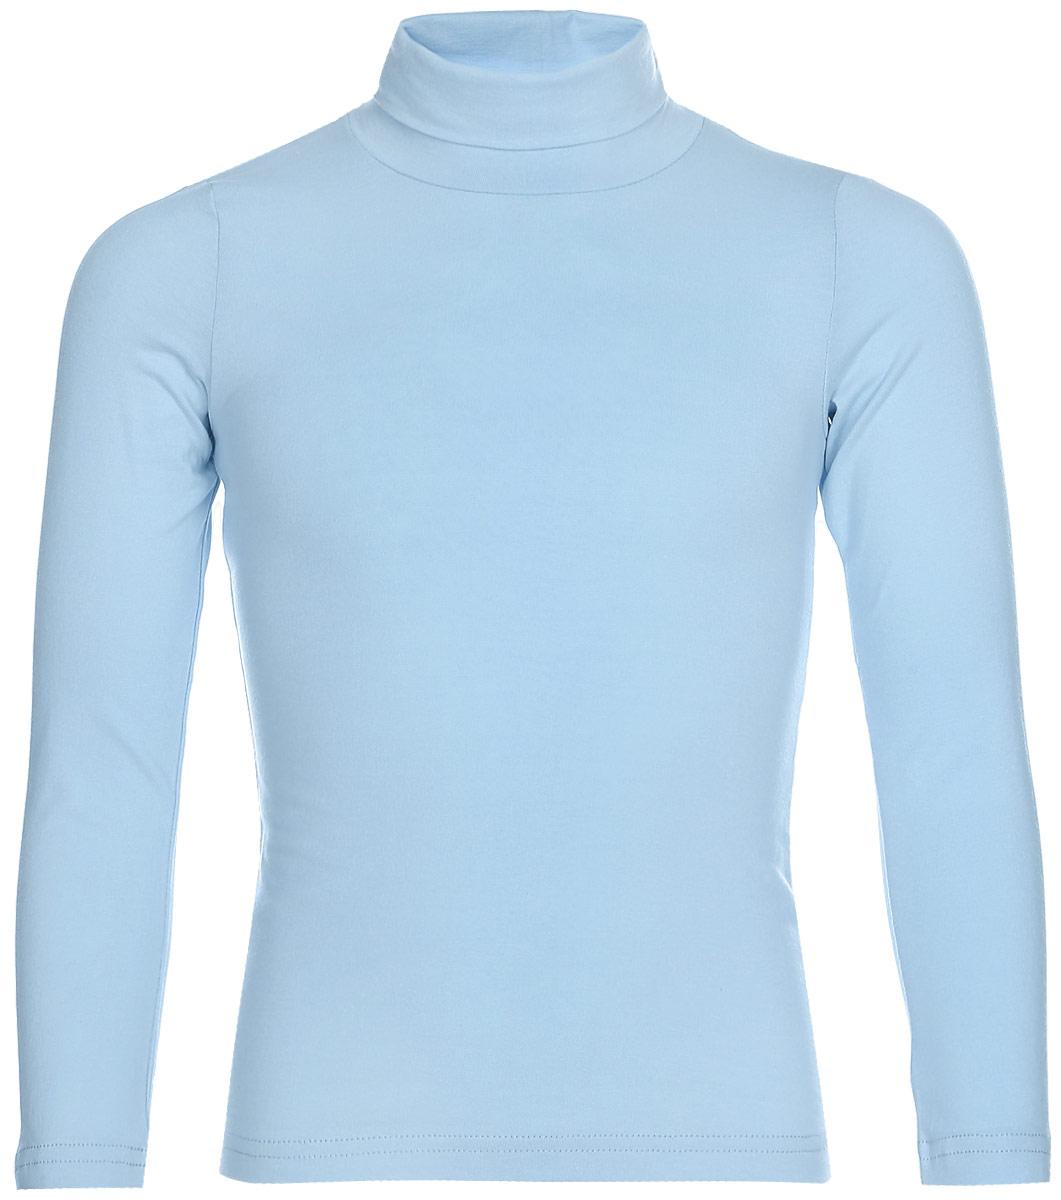 Водолазка для девочки LeadGen, цвет: голубой. G935007401-172. Размер 140G935007401-172Водолазка для девочки LeadGen выполнена из эластичного хлопкового трикотажа. Модель с длинными рукавами и воротником-гольф.